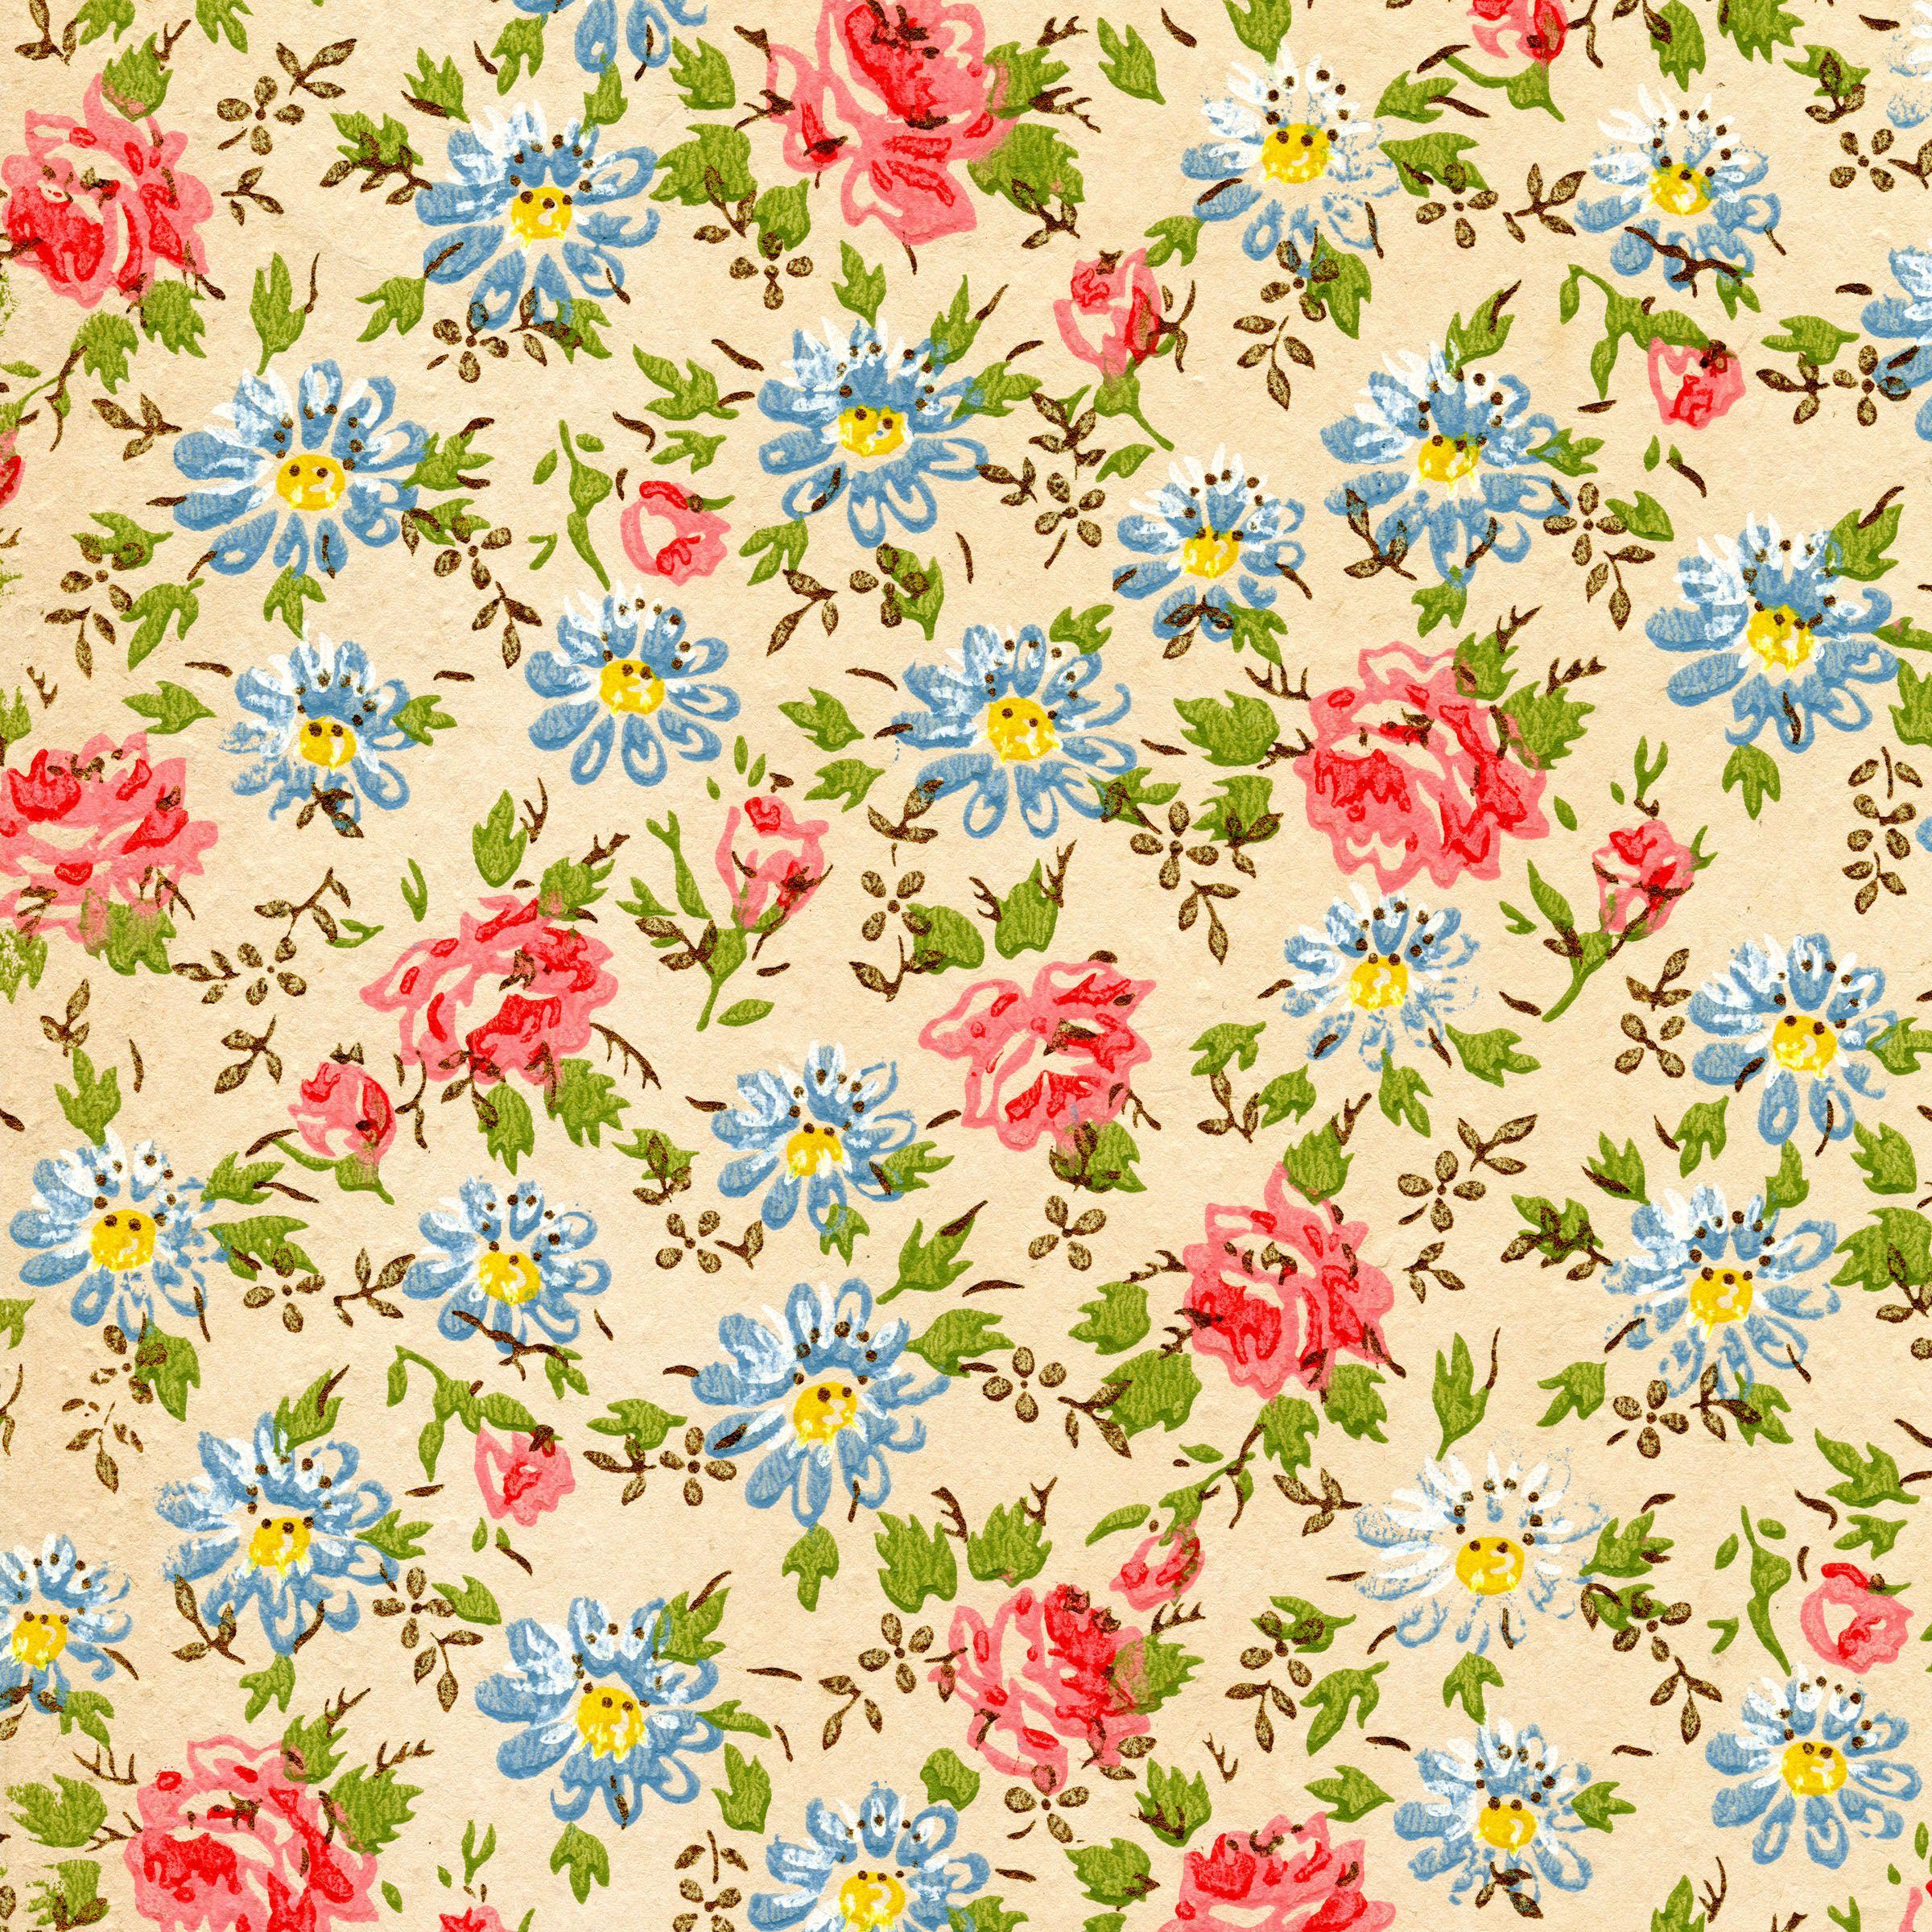 Best Vintage Floral, Vintage Backgrounds And